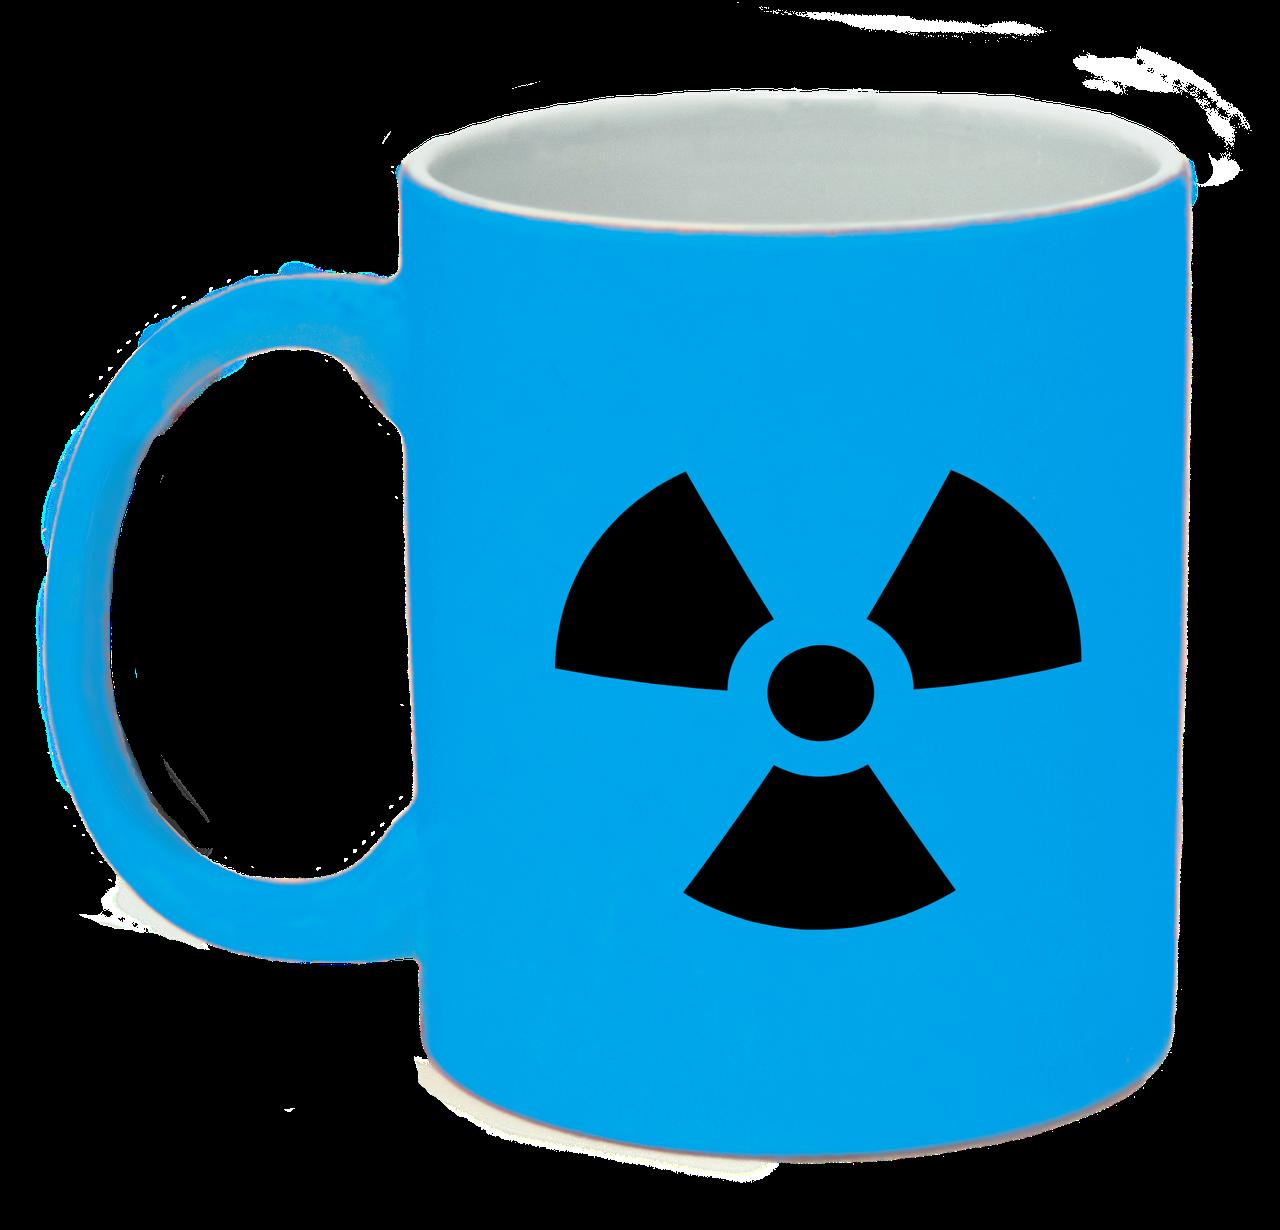 Неоновая матовая чашка Ядерная опасность, ярко-голубая